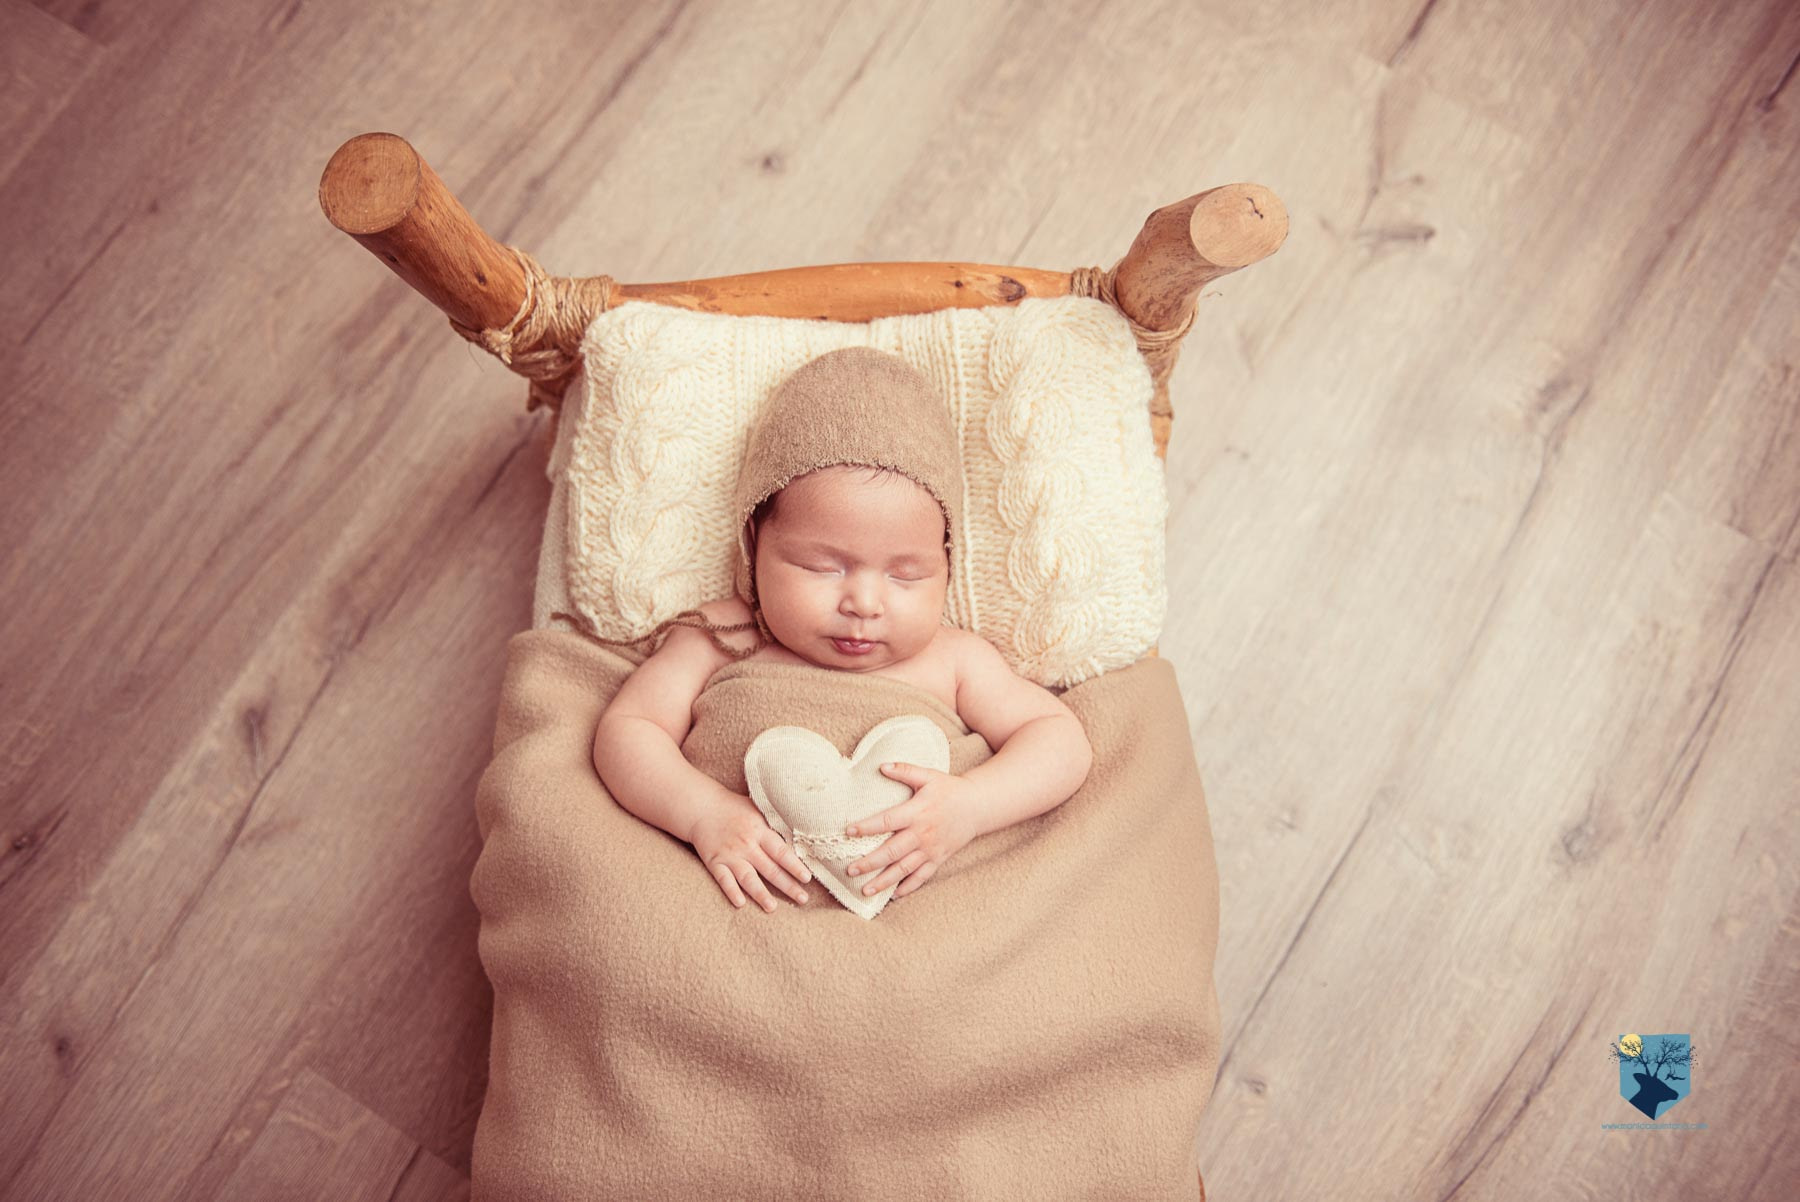 fotografia, fotos, girona, figueres, emporda, monica quintana, bebes, niños, familia, retrato, estudio, 1 mes , niña , girona , salt